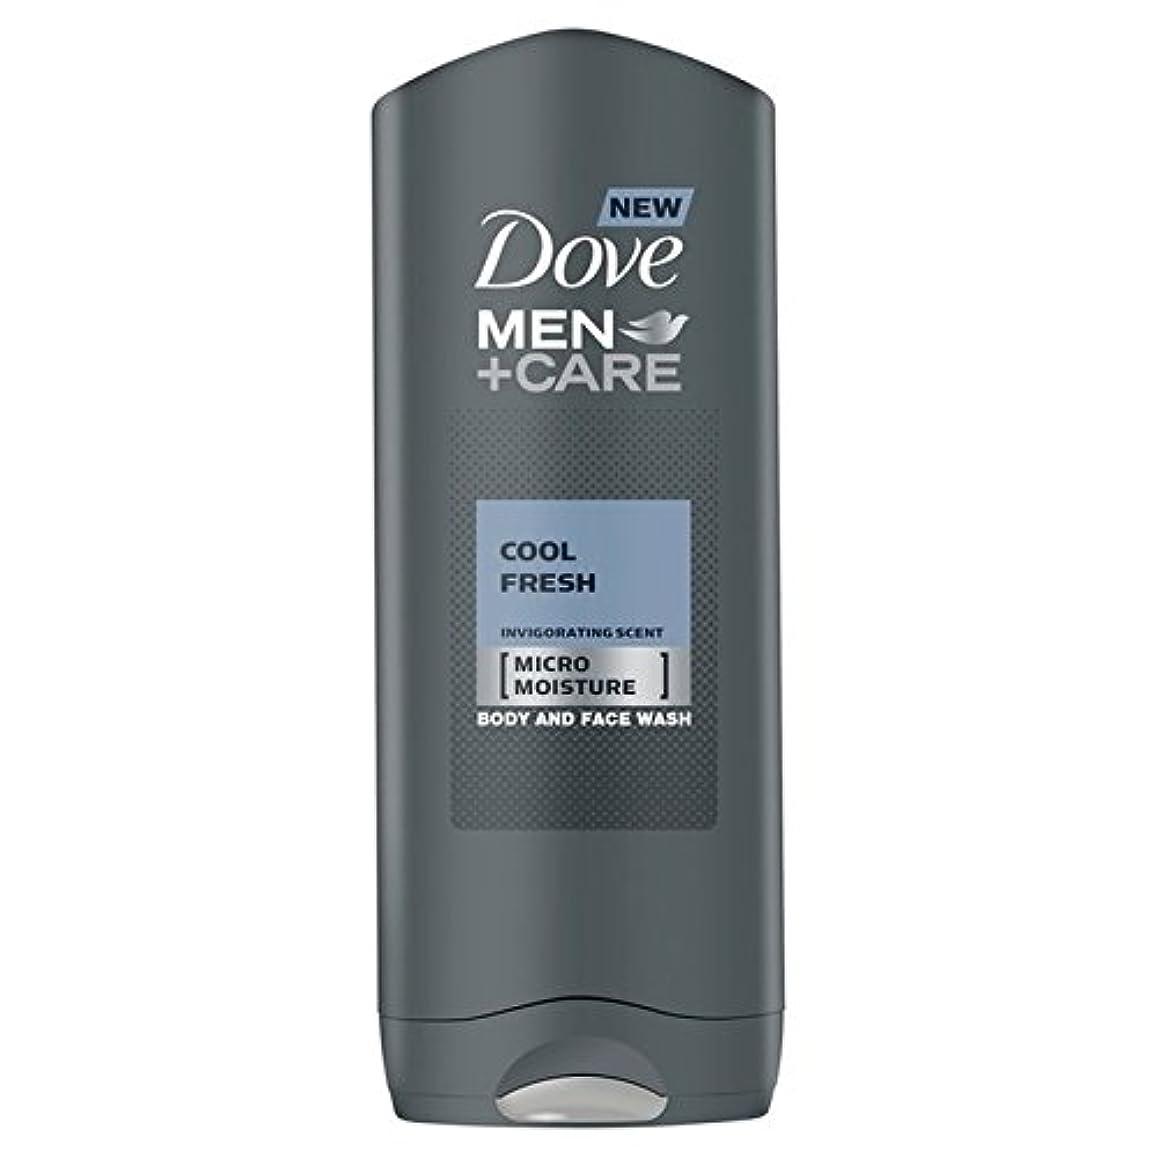 味くびれた塩辛いDove Men+Care Cool Fresh Shower Gel 400ml - クールフレッシュシャワージェル400ミリリットルケア+鳩の男性 [並行輸入品]